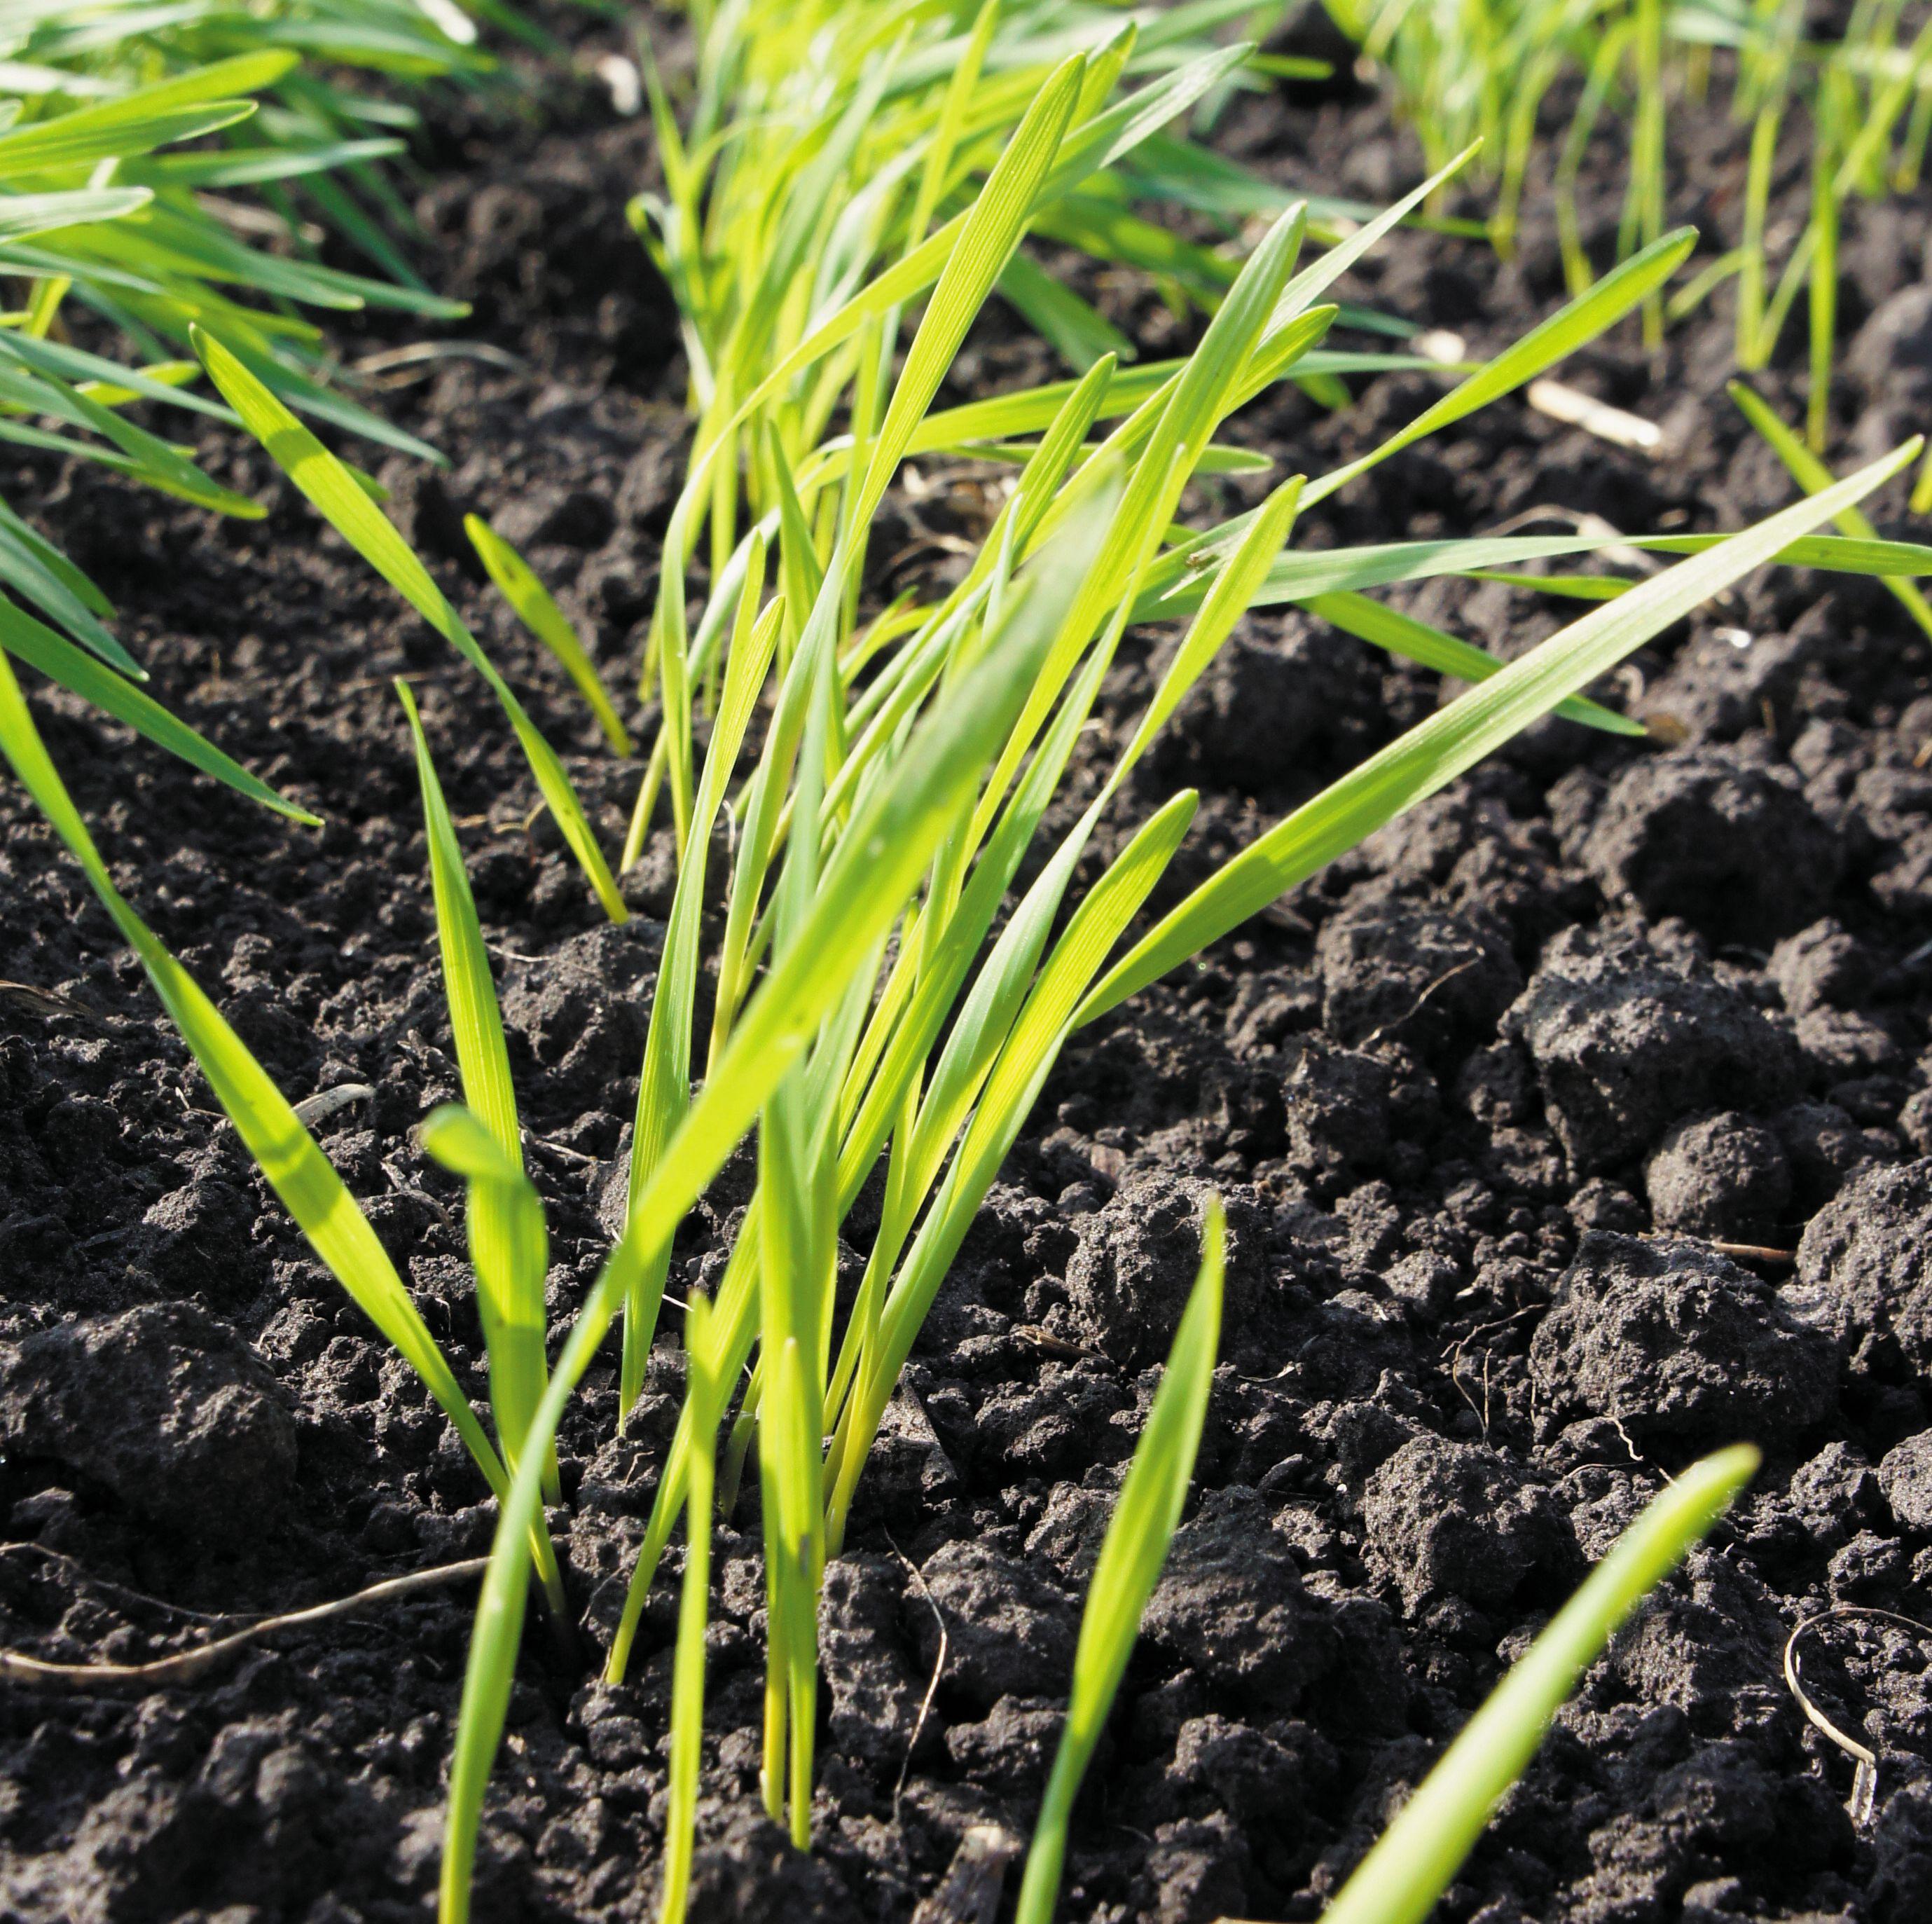 озимая пшеница фото весной всходы пожелтели ока своим